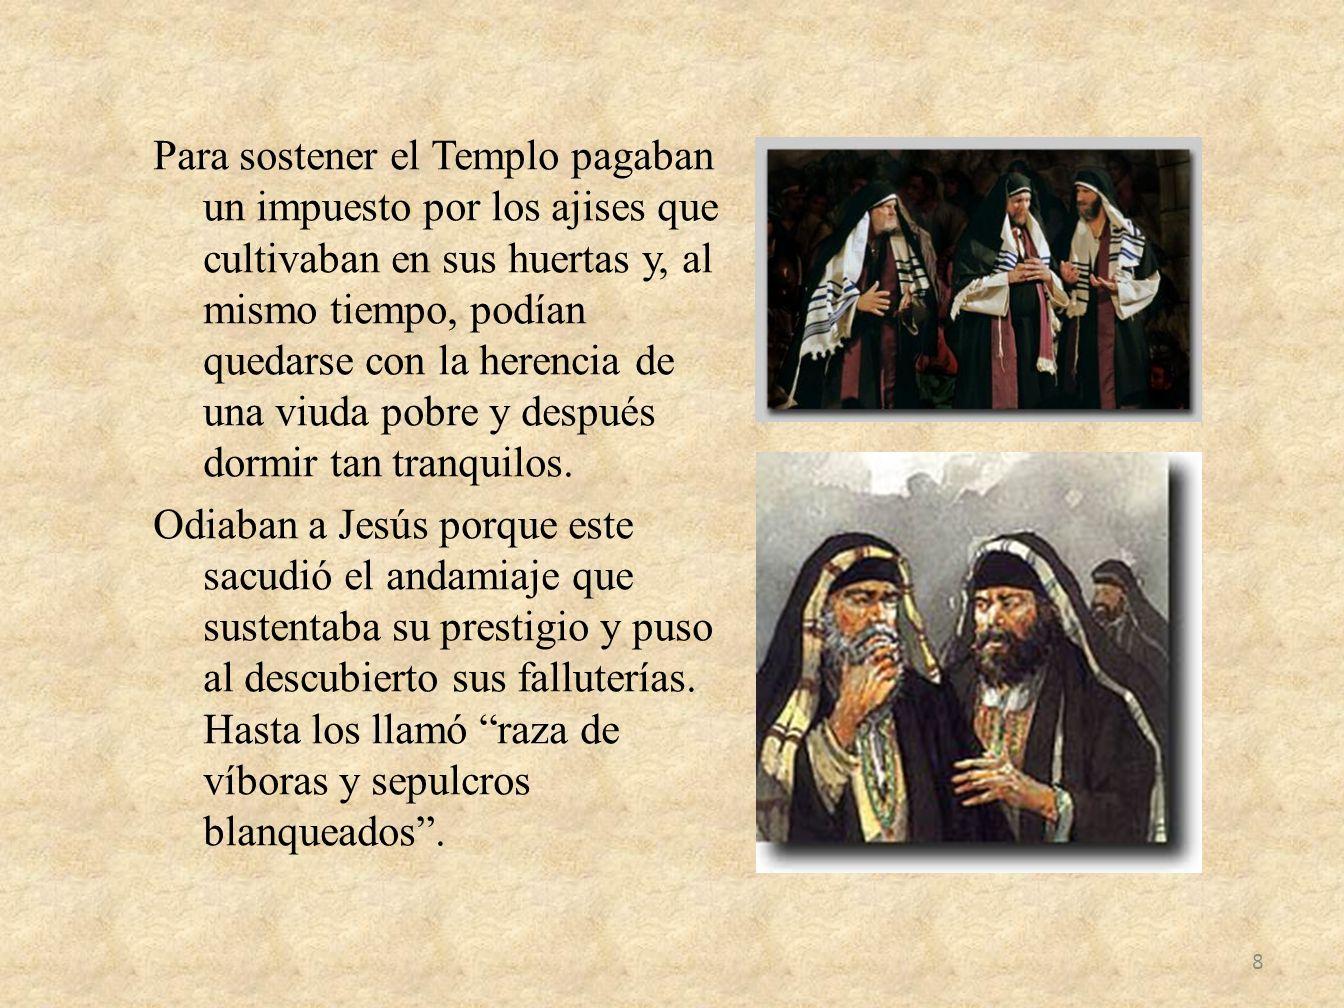 Para sostener el Templo pagaban un impuesto por los ajises que cultivaban en sus huertas y, al mismo tiempo, podían quedarse con la herencia de una vi